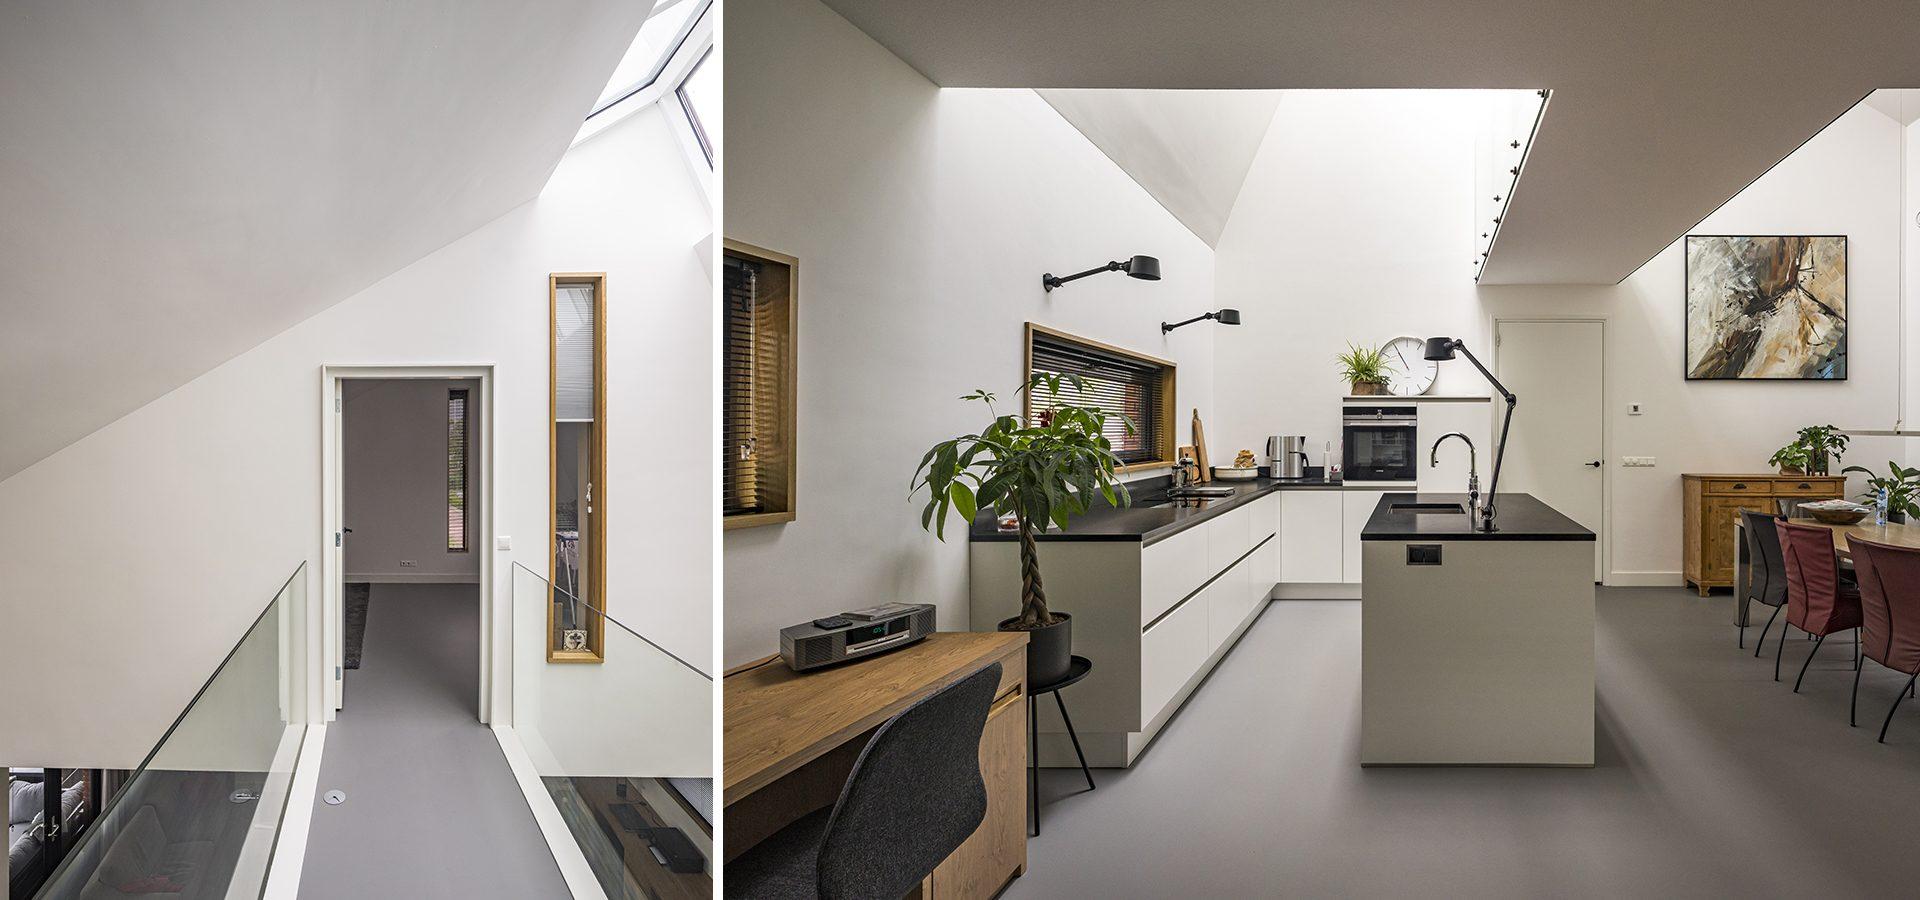 FARO architecten Woonhuis Spiegelenberg Brummen 02